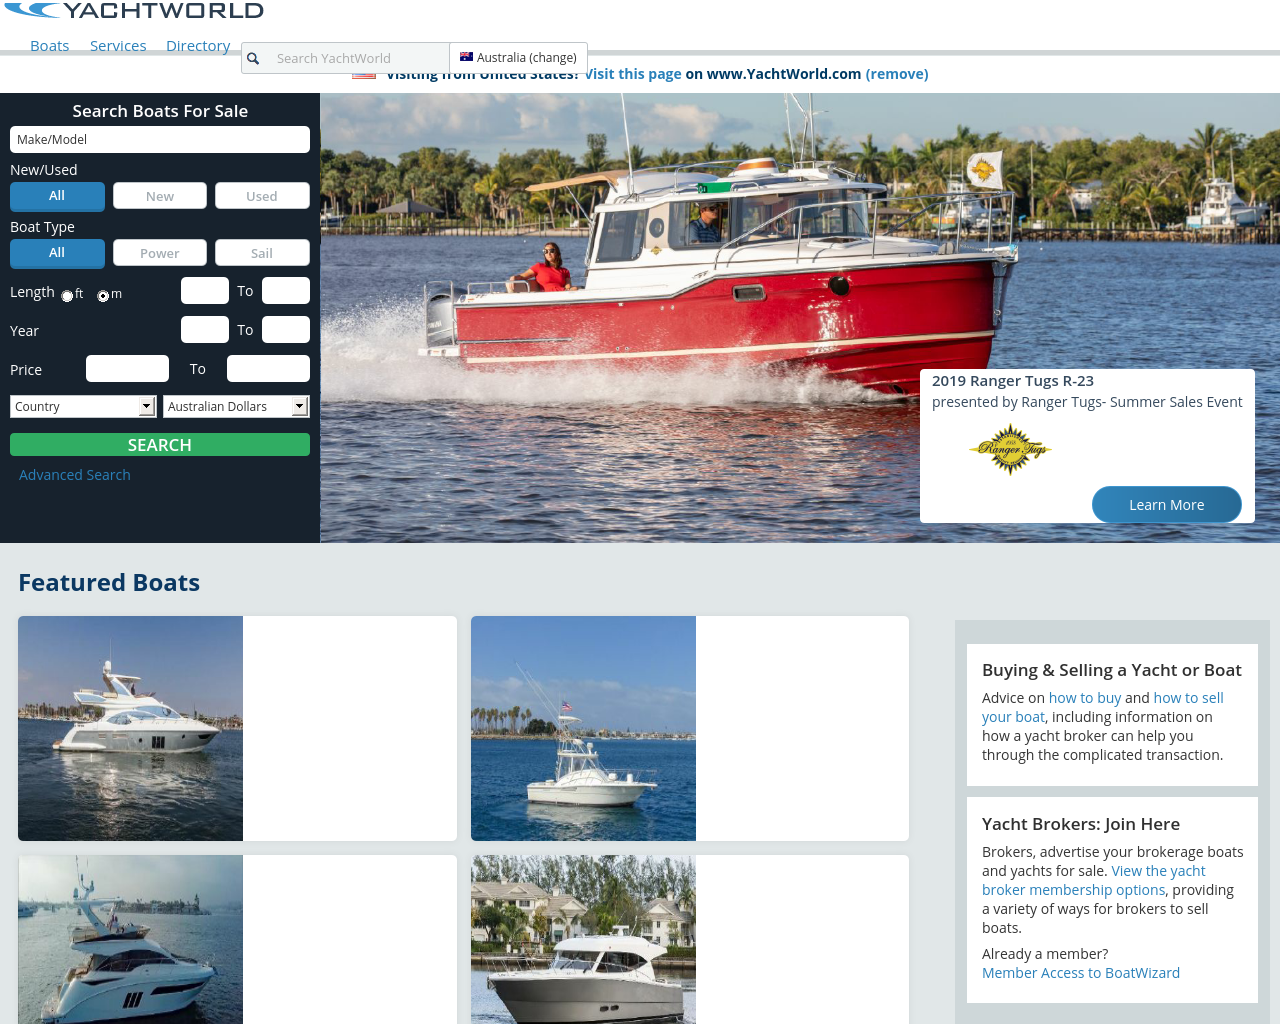 YachtWorld Advertising Mediakits, Reviews, Pricing, Traffic